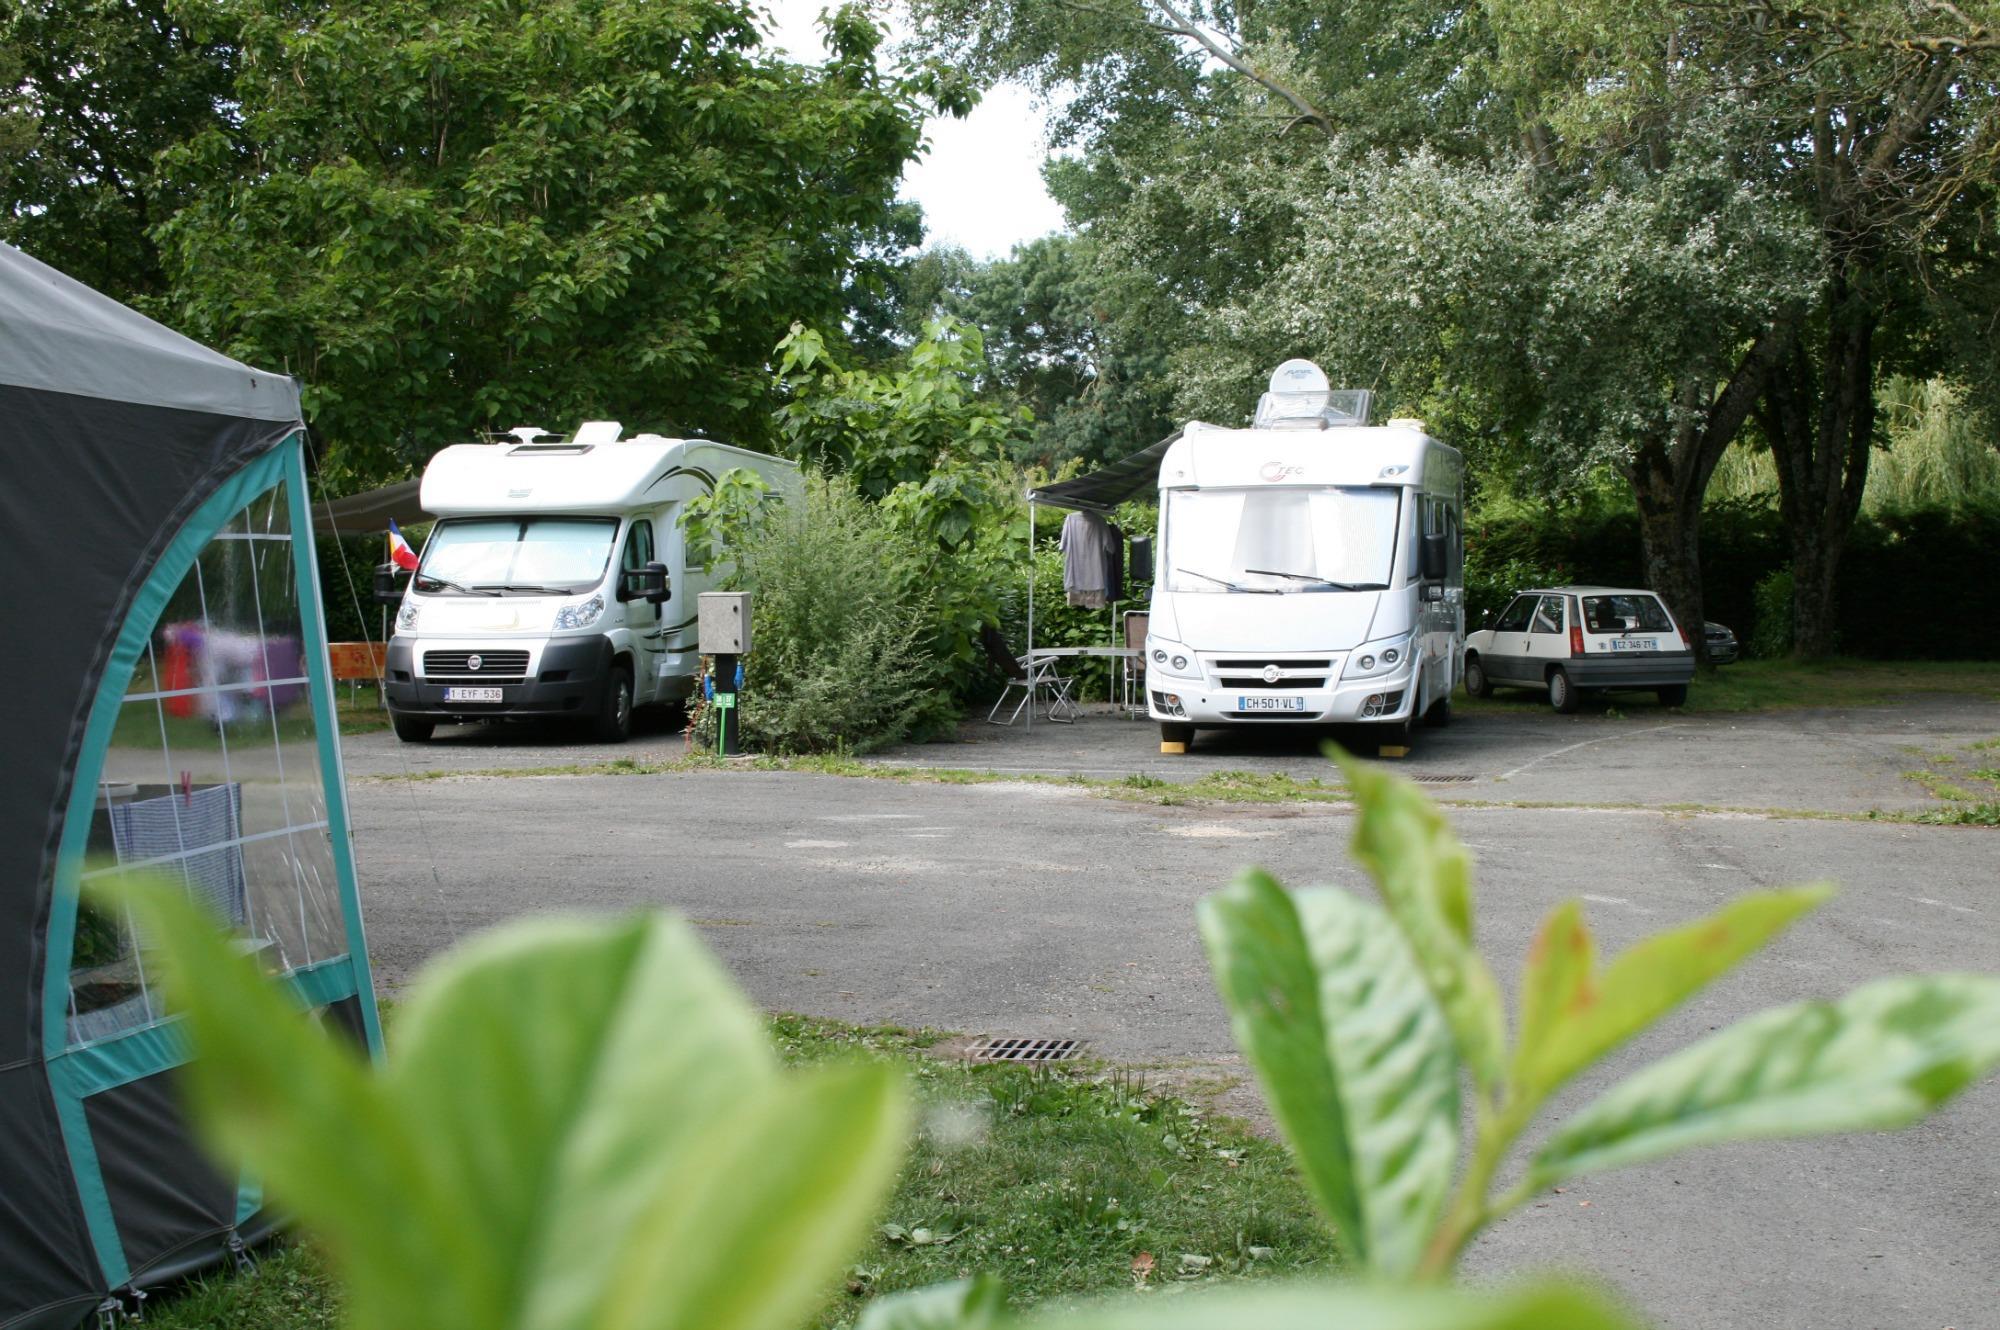 Emplacement - Emplacement Camping-Car - Camping de la Gères